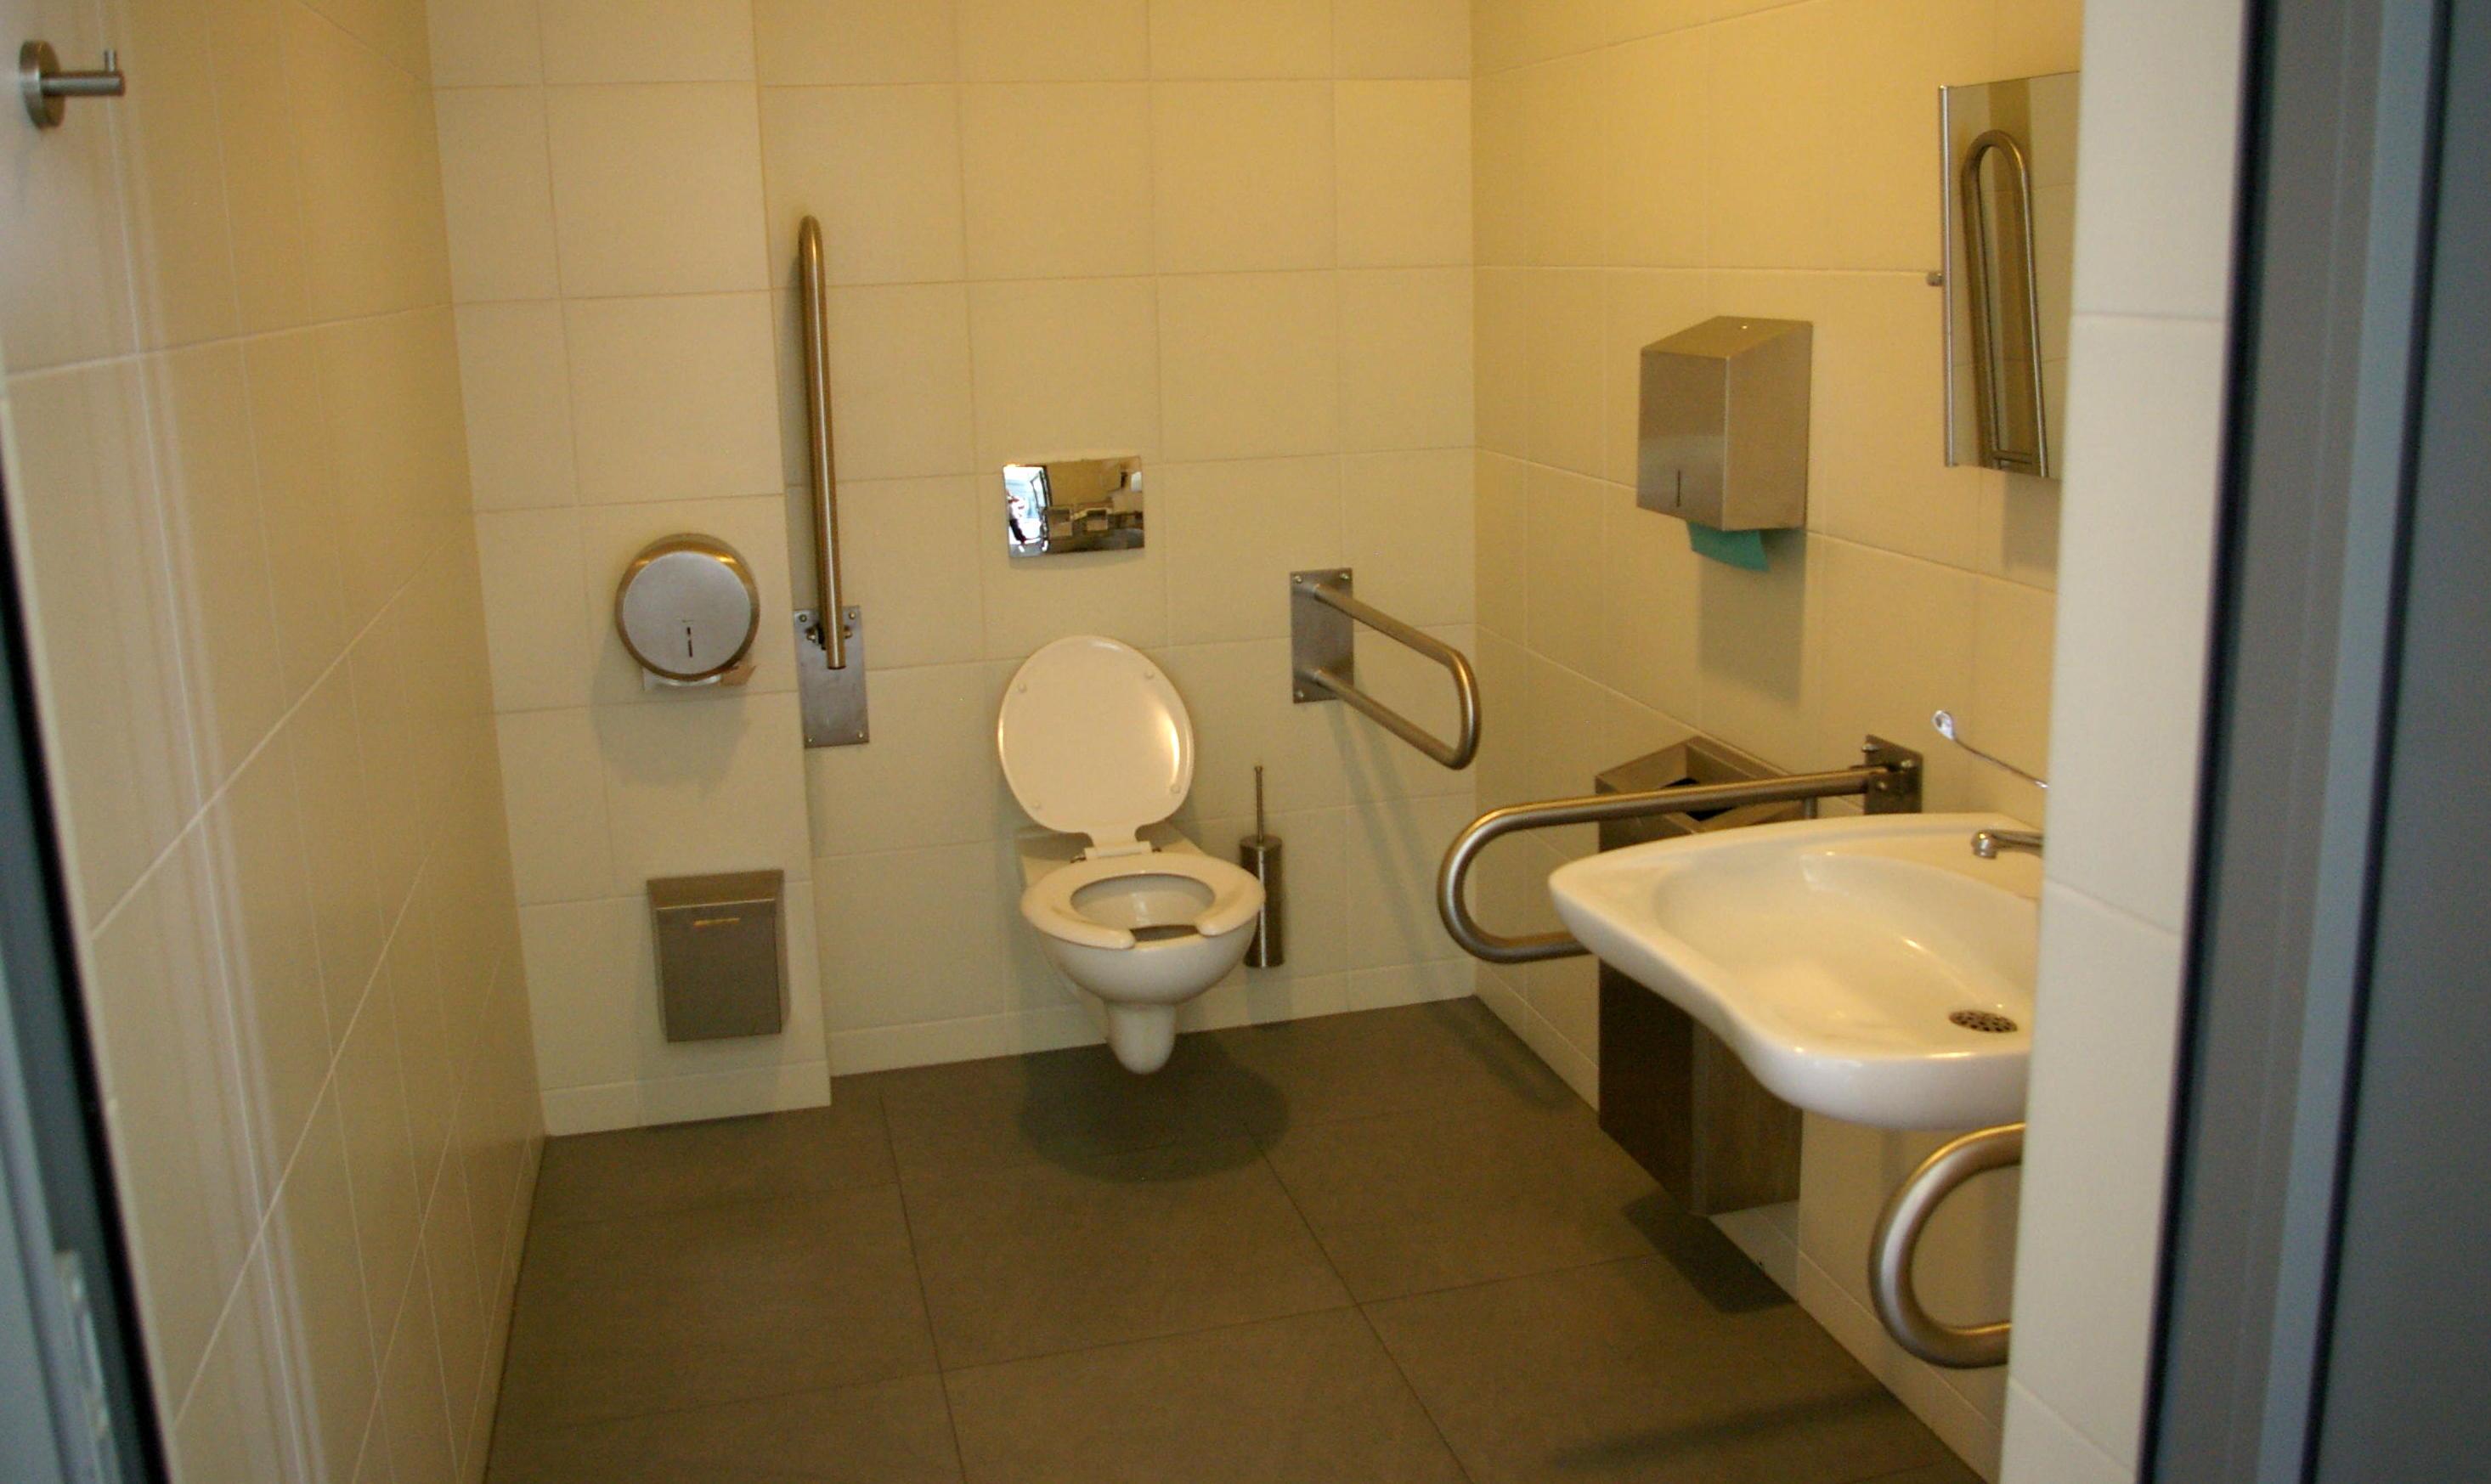 Toaleta dla osób niepełnosprawnych w budynku Galerii Sztuki Współczesnej ELEKTROWNIA w Czeladzi.